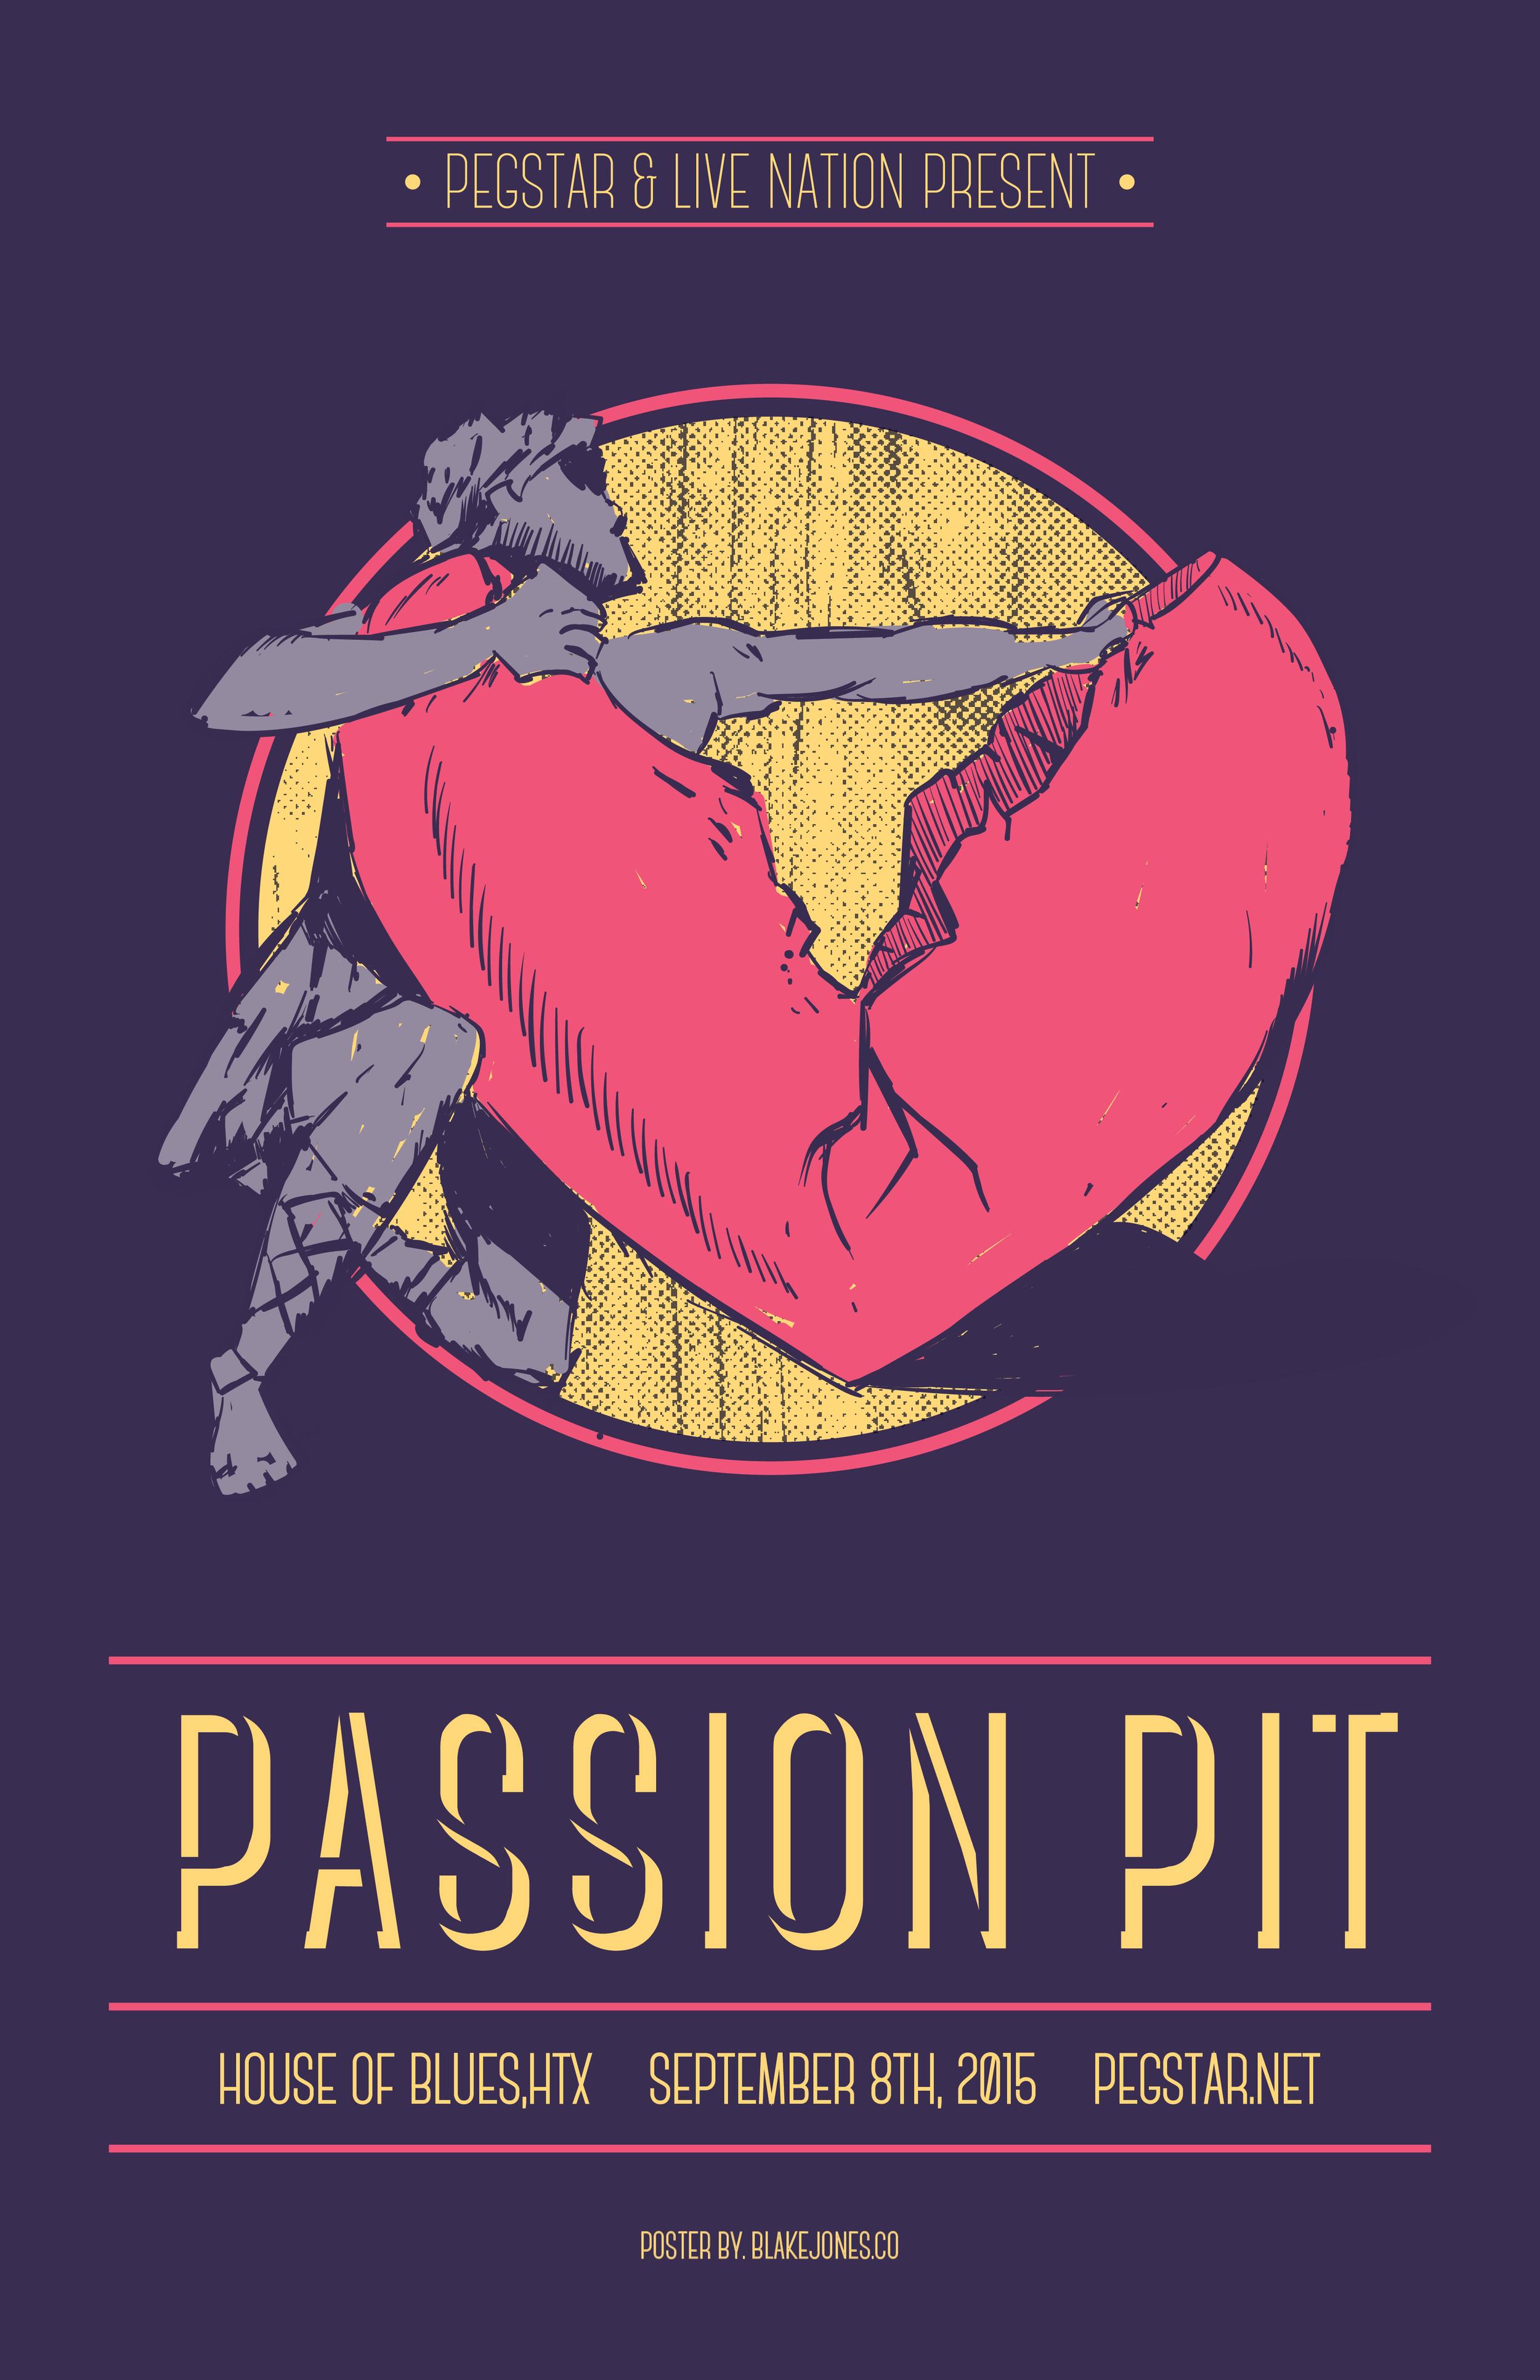 PASSIONPIT-01.png